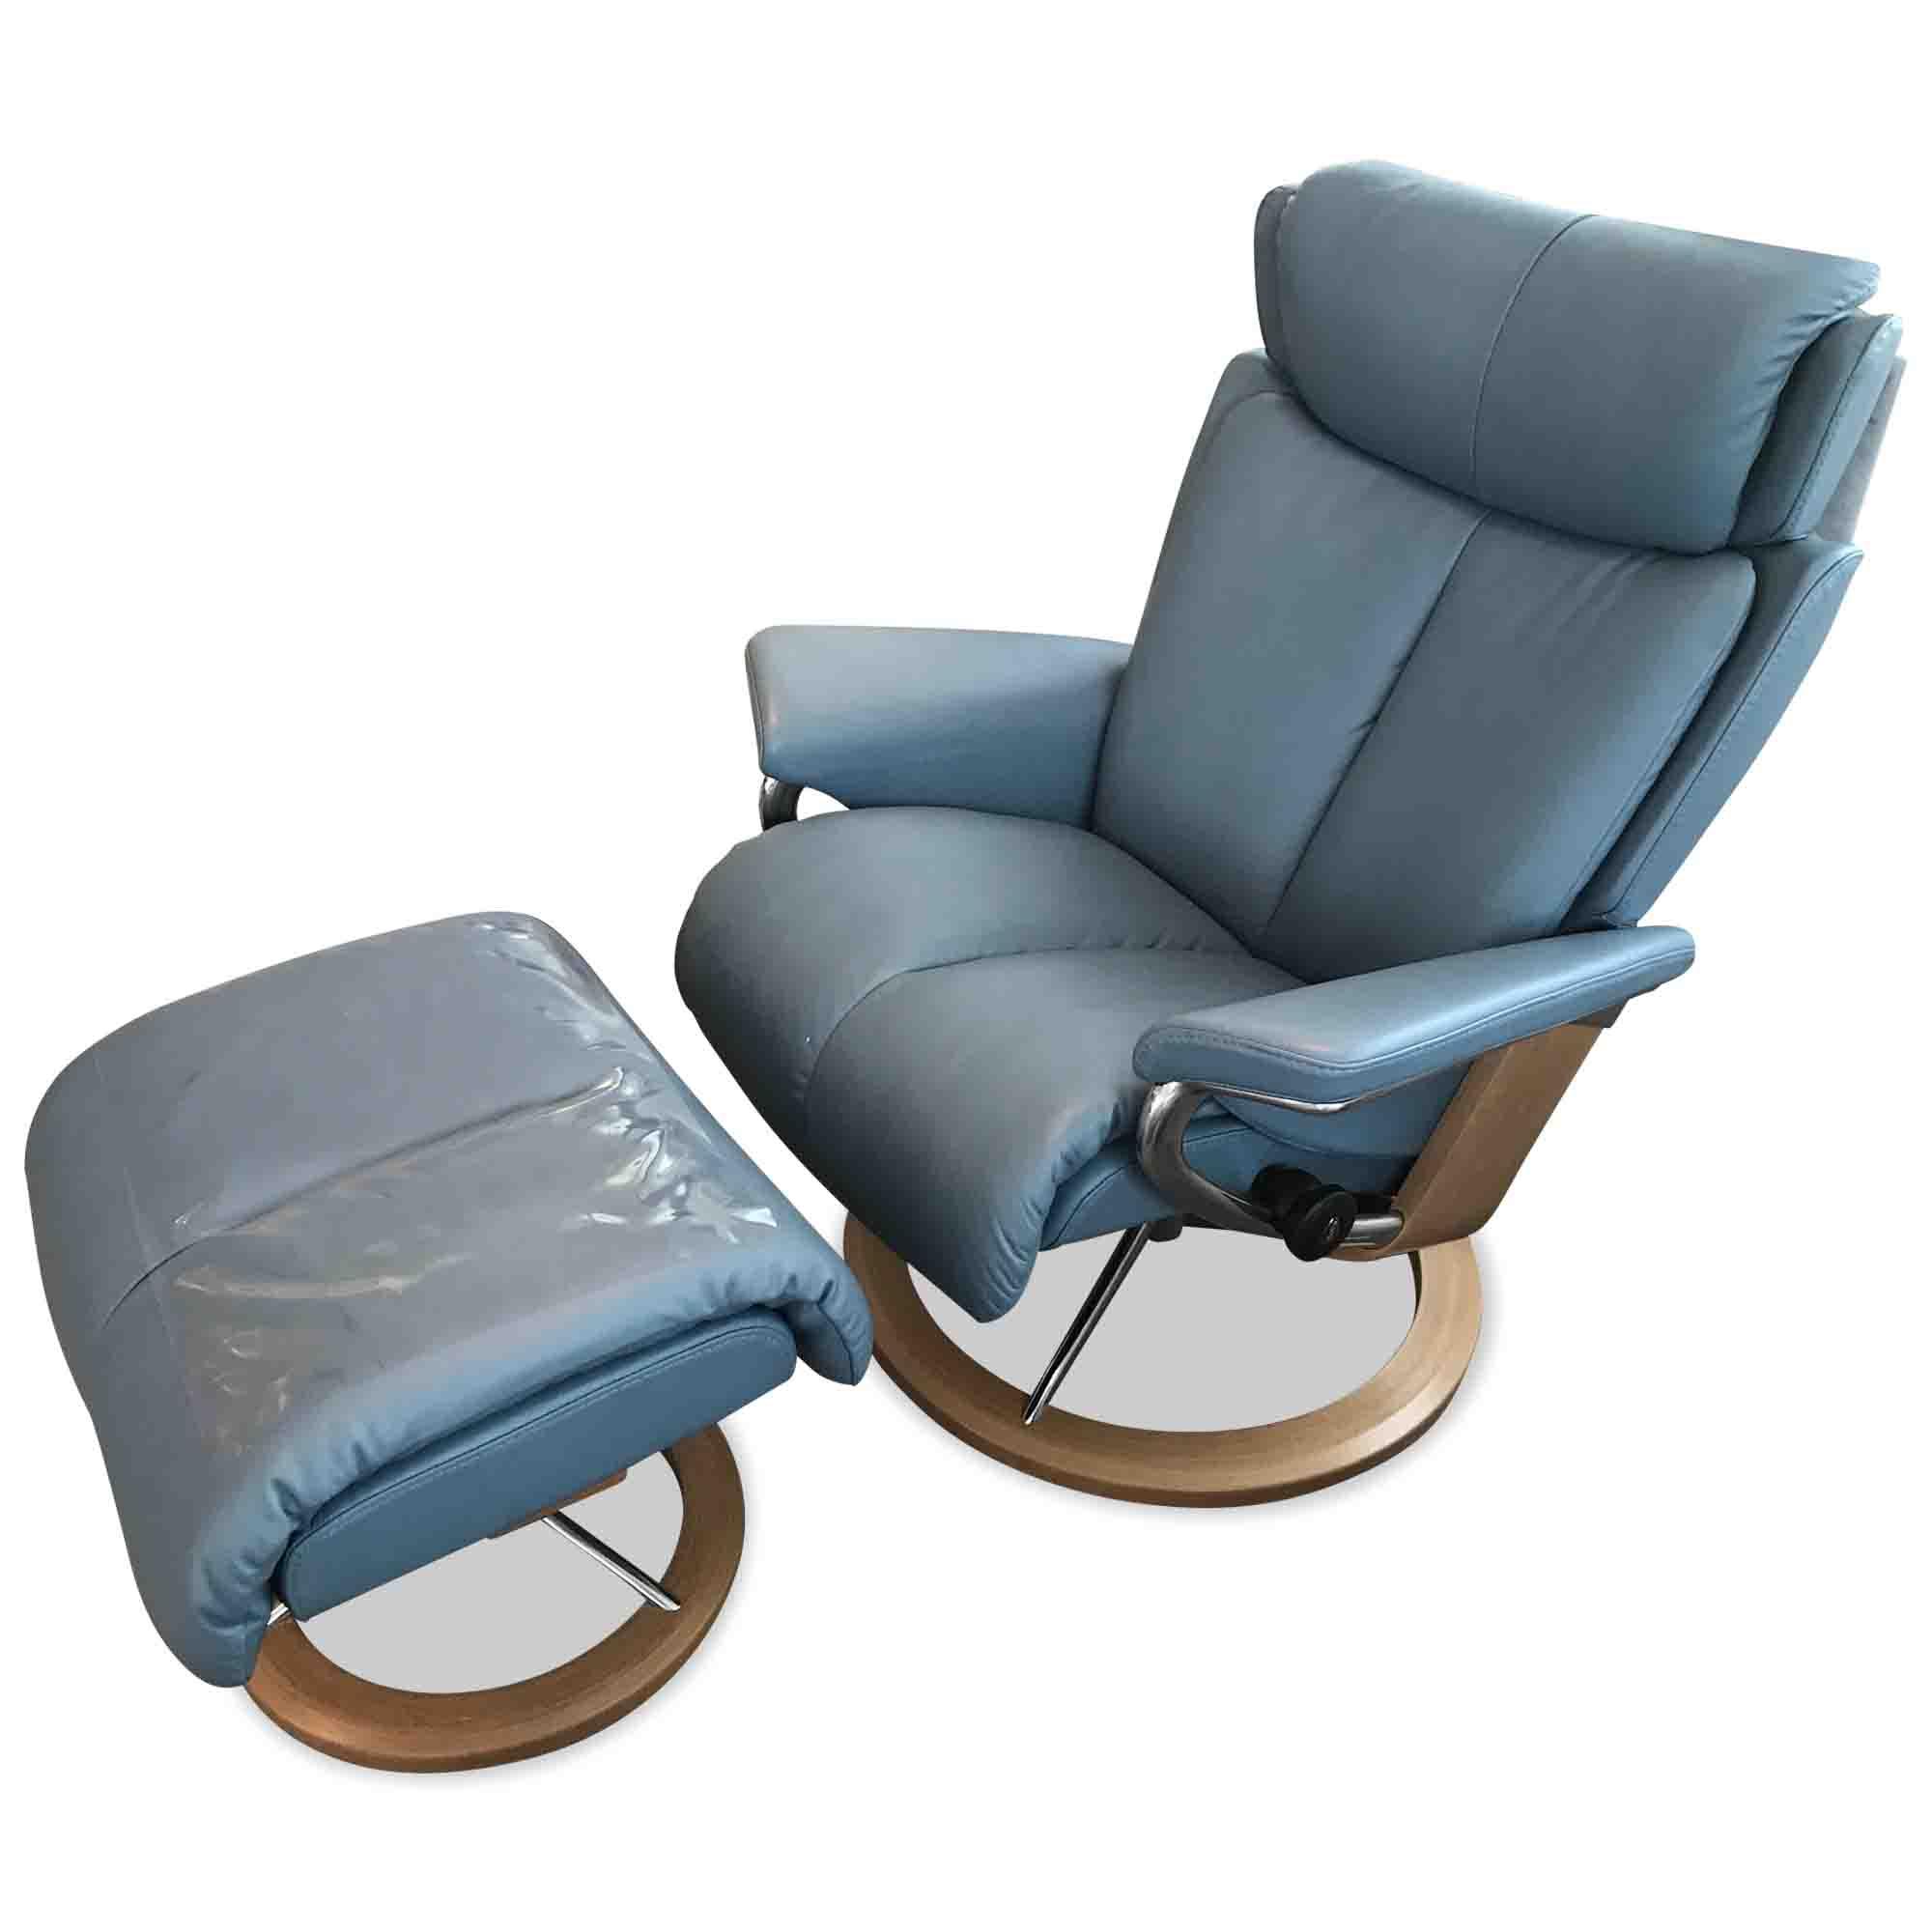 stressless designer sessel magic m signature mit hocker leder blau ebay. Black Bedroom Furniture Sets. Home Design Ideas